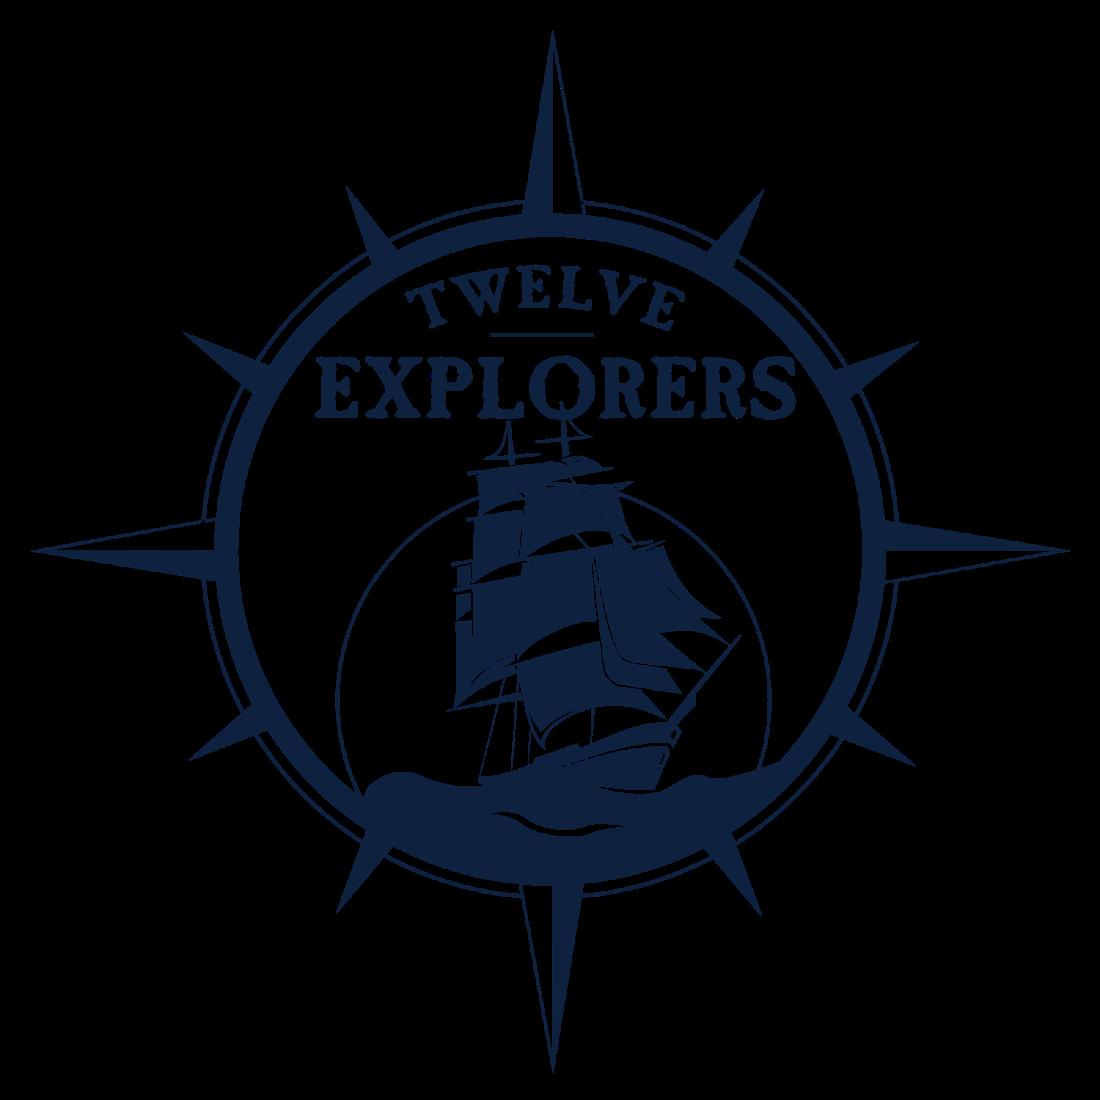 12Explorers-logo-blue-transparent